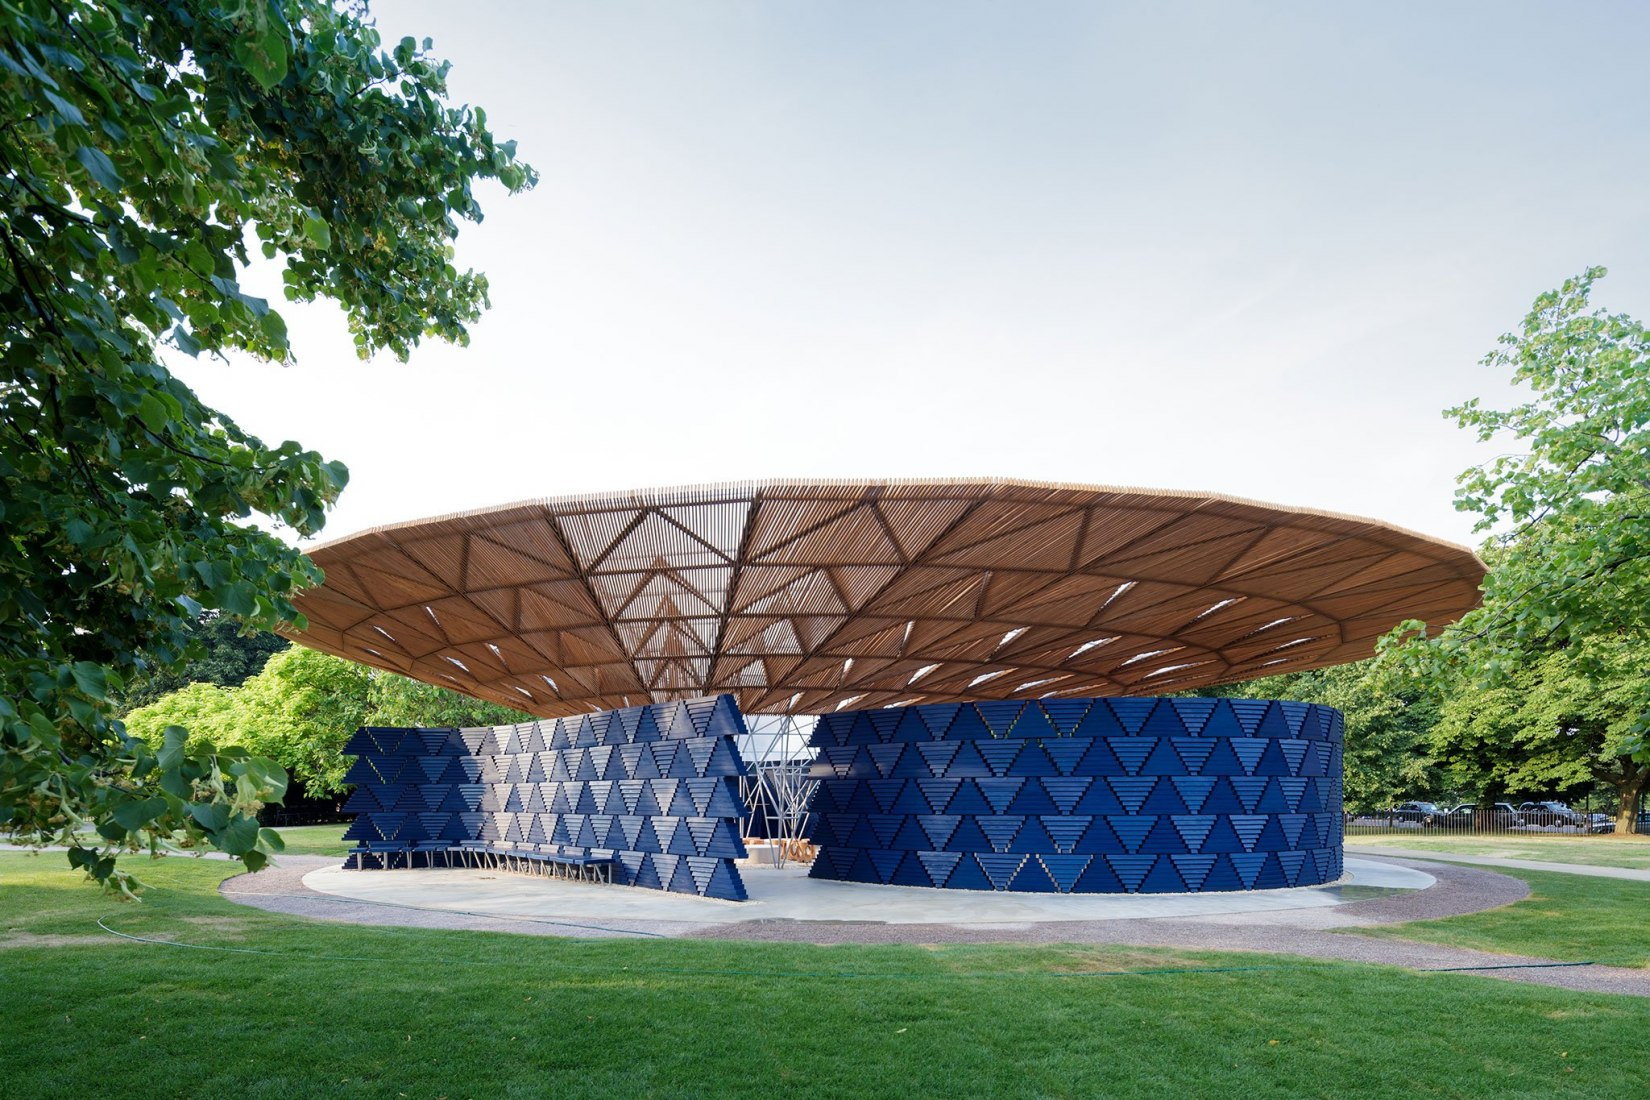 Pabellón Serpentine 2017, diseñado por Francis Kéré. Serpentine Gallery, Londres (23 de Junio – 8 de octubre de 2017) © Kéré Architecture. Fotografía © 2017 Iwan Baan.